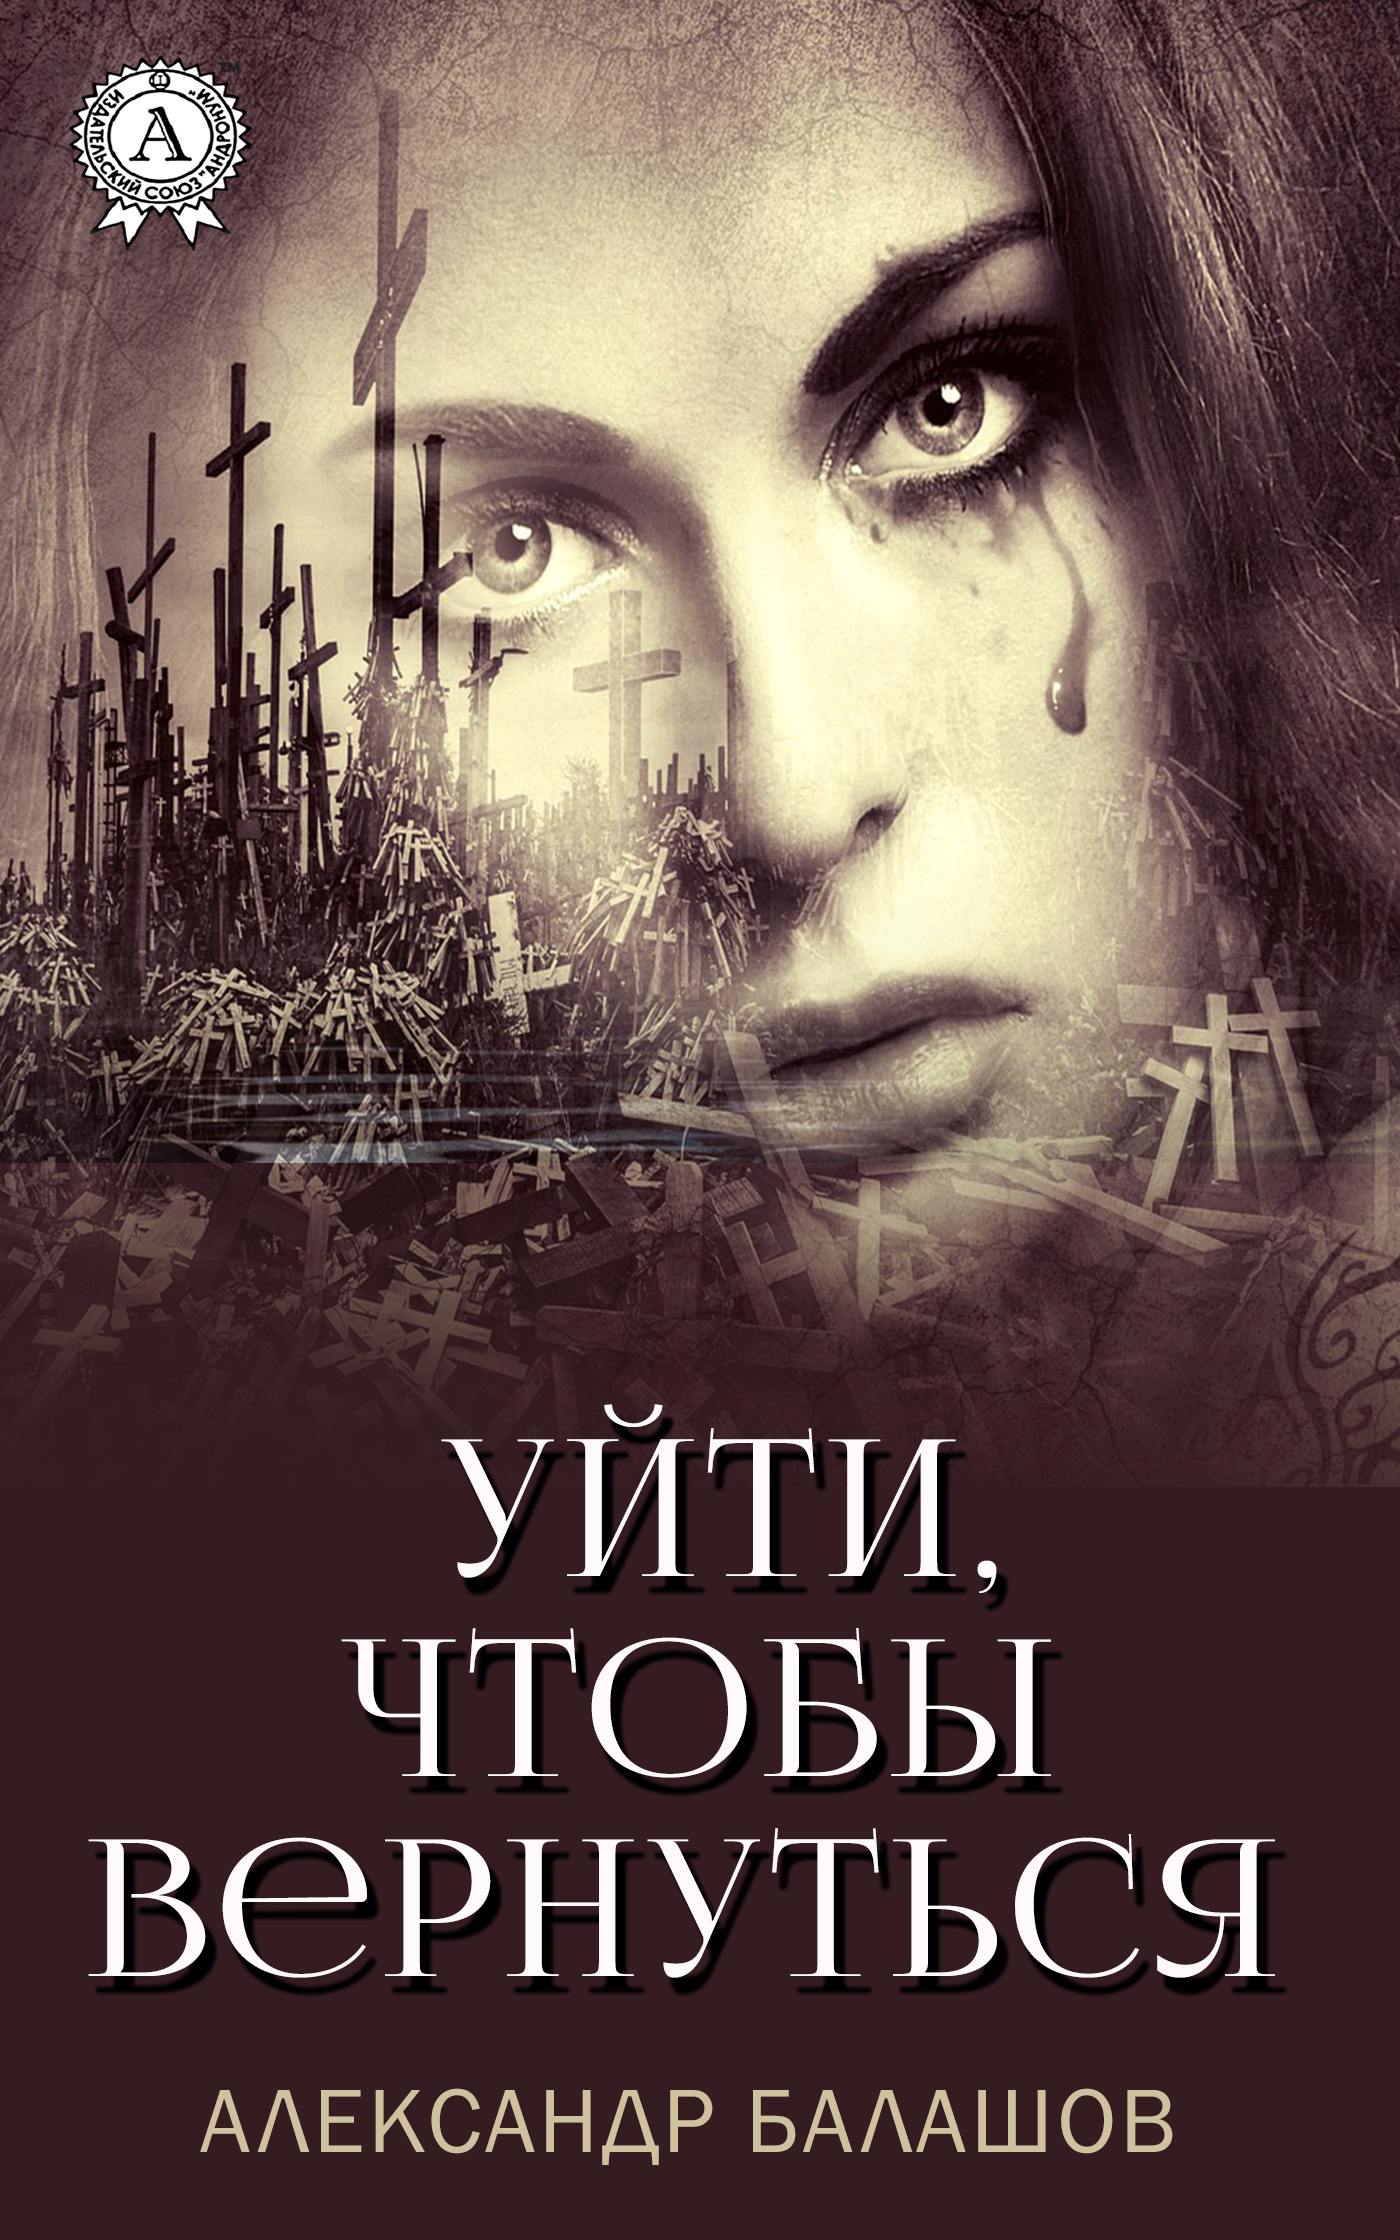 Александр Балашов - Уйти,чтобы вернуться